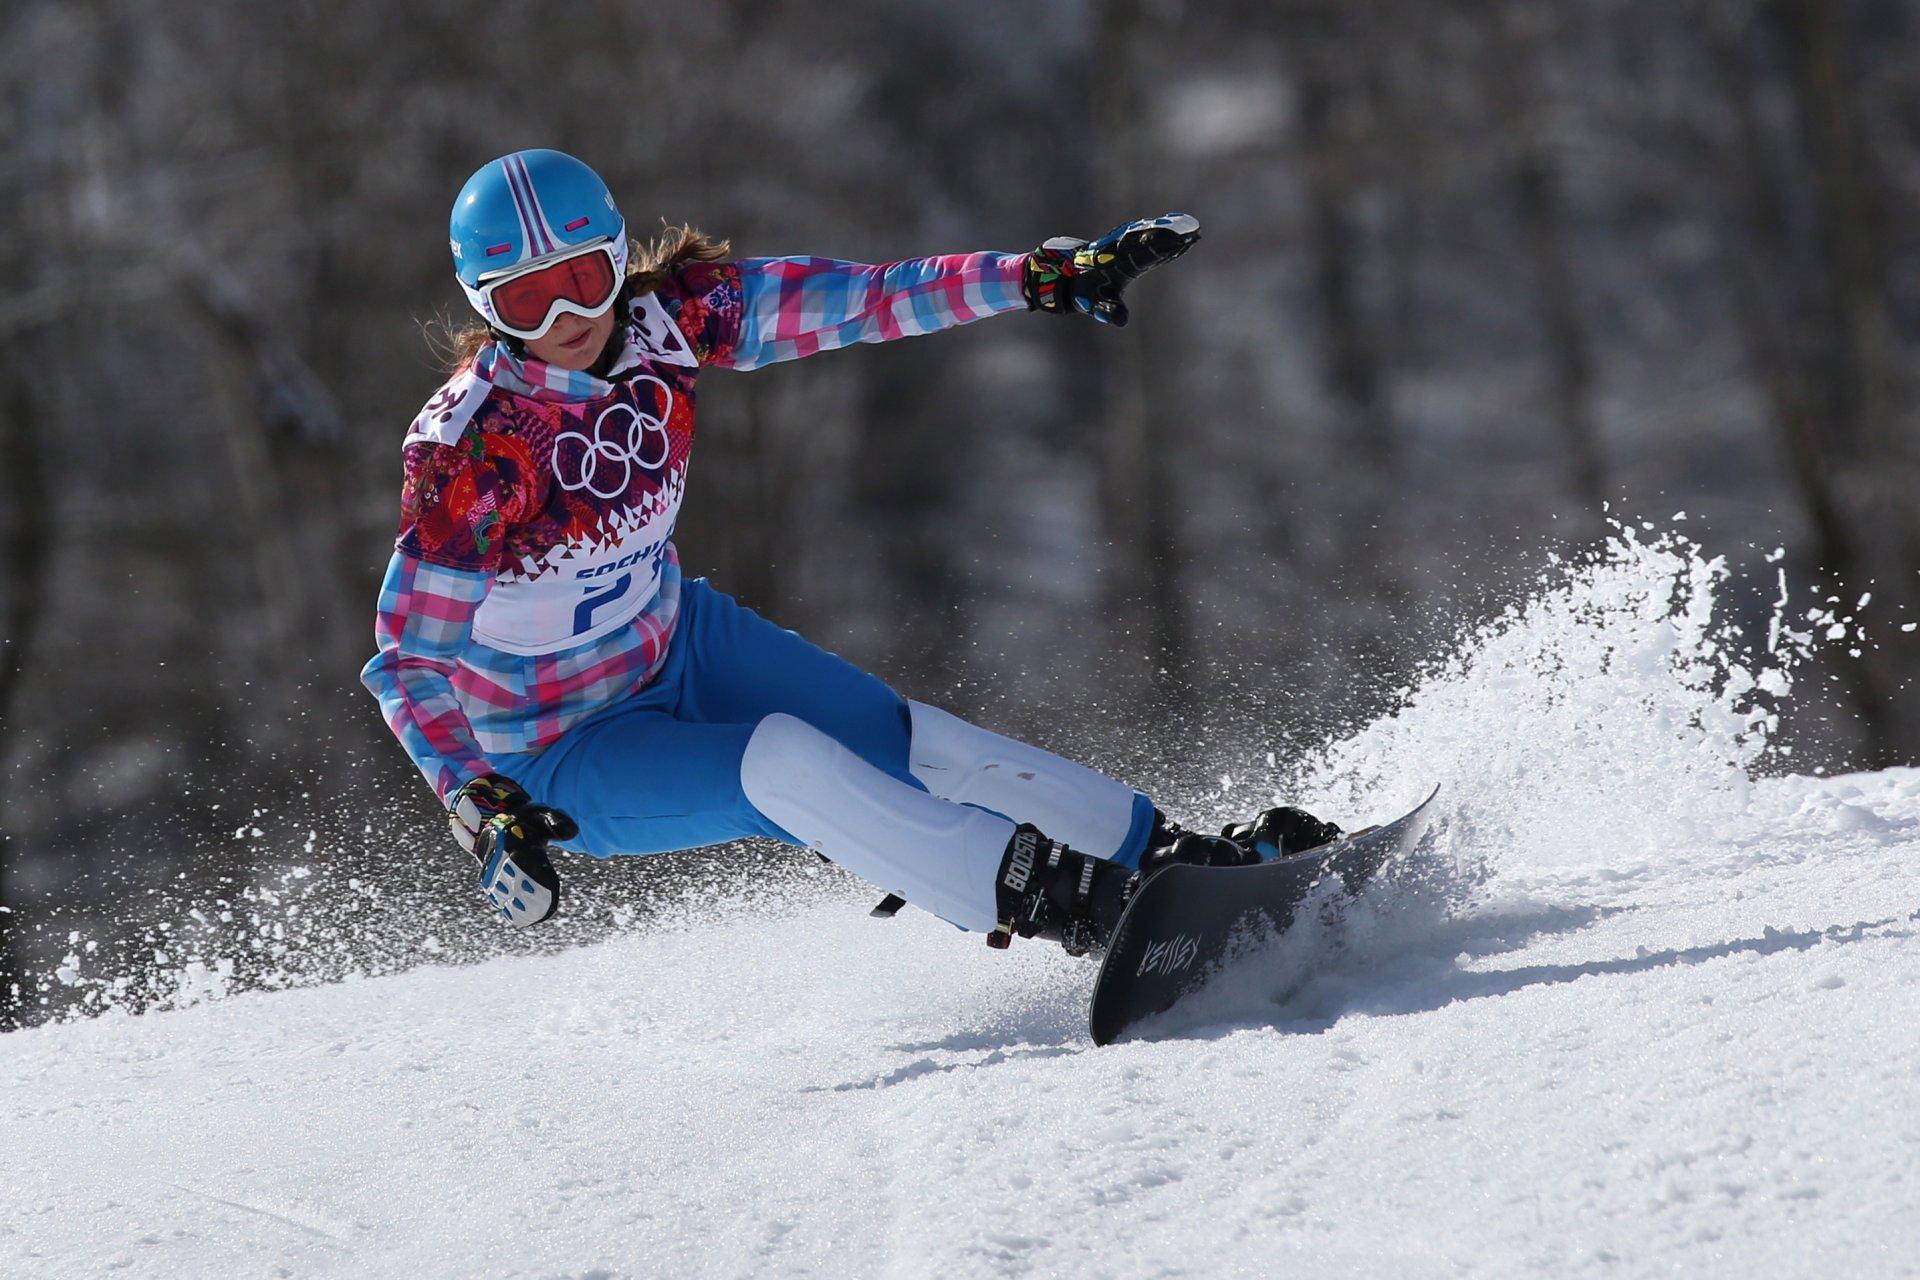 алена заварзина сноуборд параллельный гигантский слалом сочи 2014 xxii  зимние олимпийские игры россия 6f44cdd4ce8